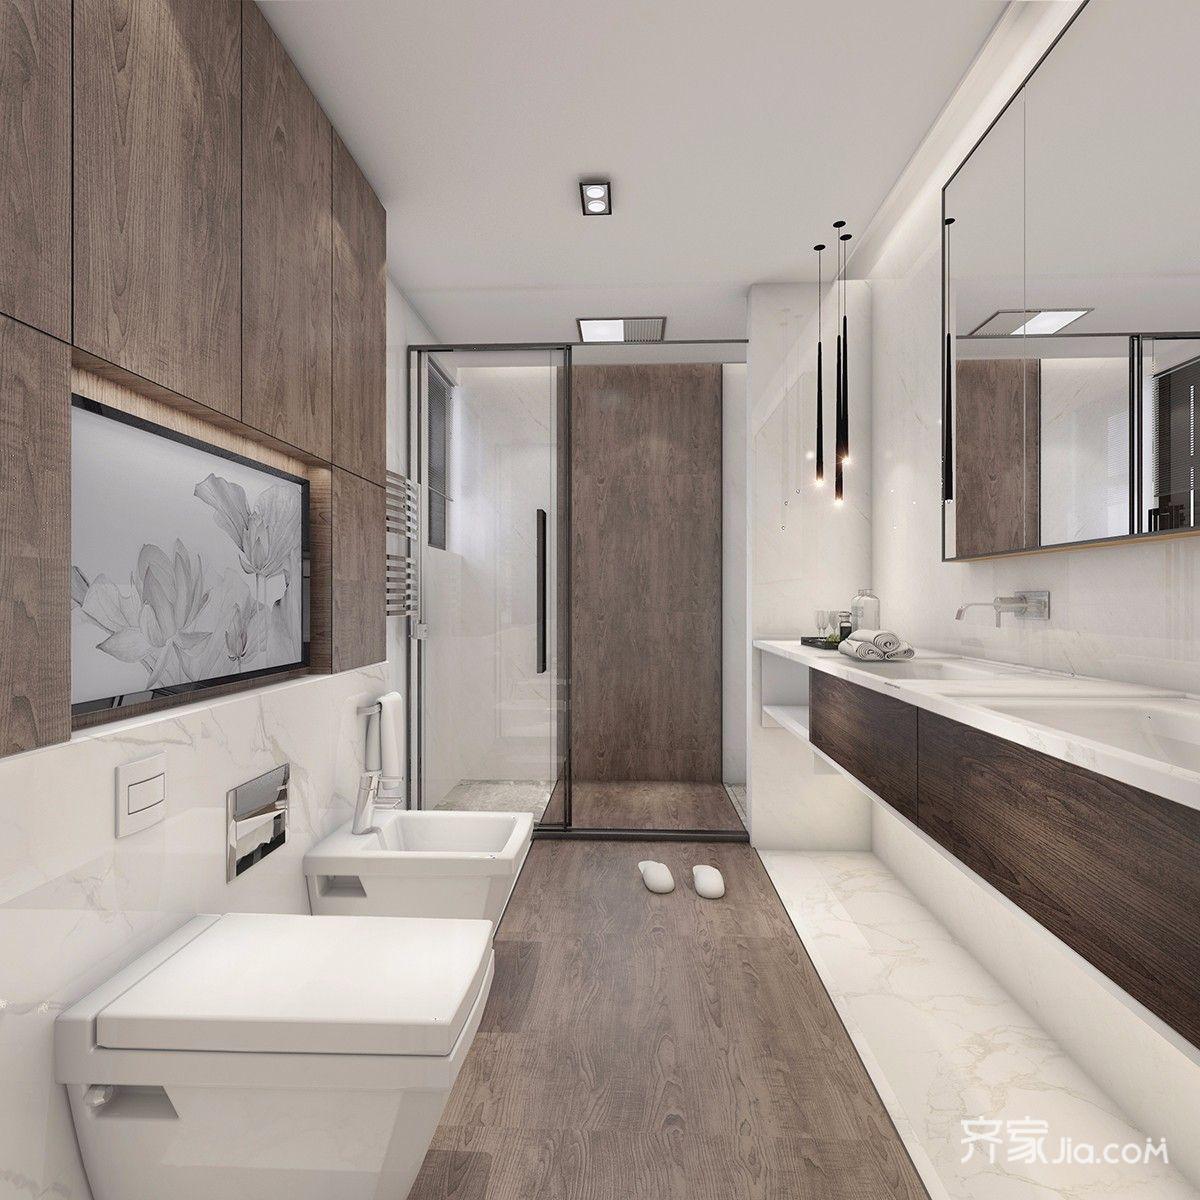 大户型简约风格别墅卫生间装修设计图